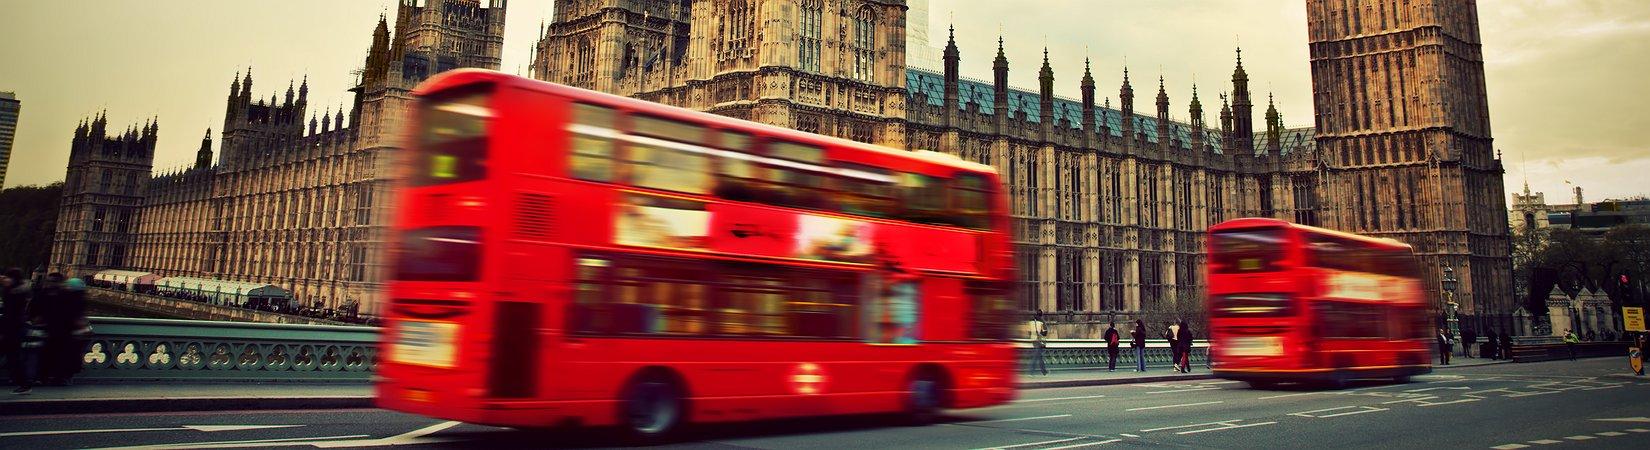 El Reino Unido abandona el grupo de las 5 mayores economías del mundo